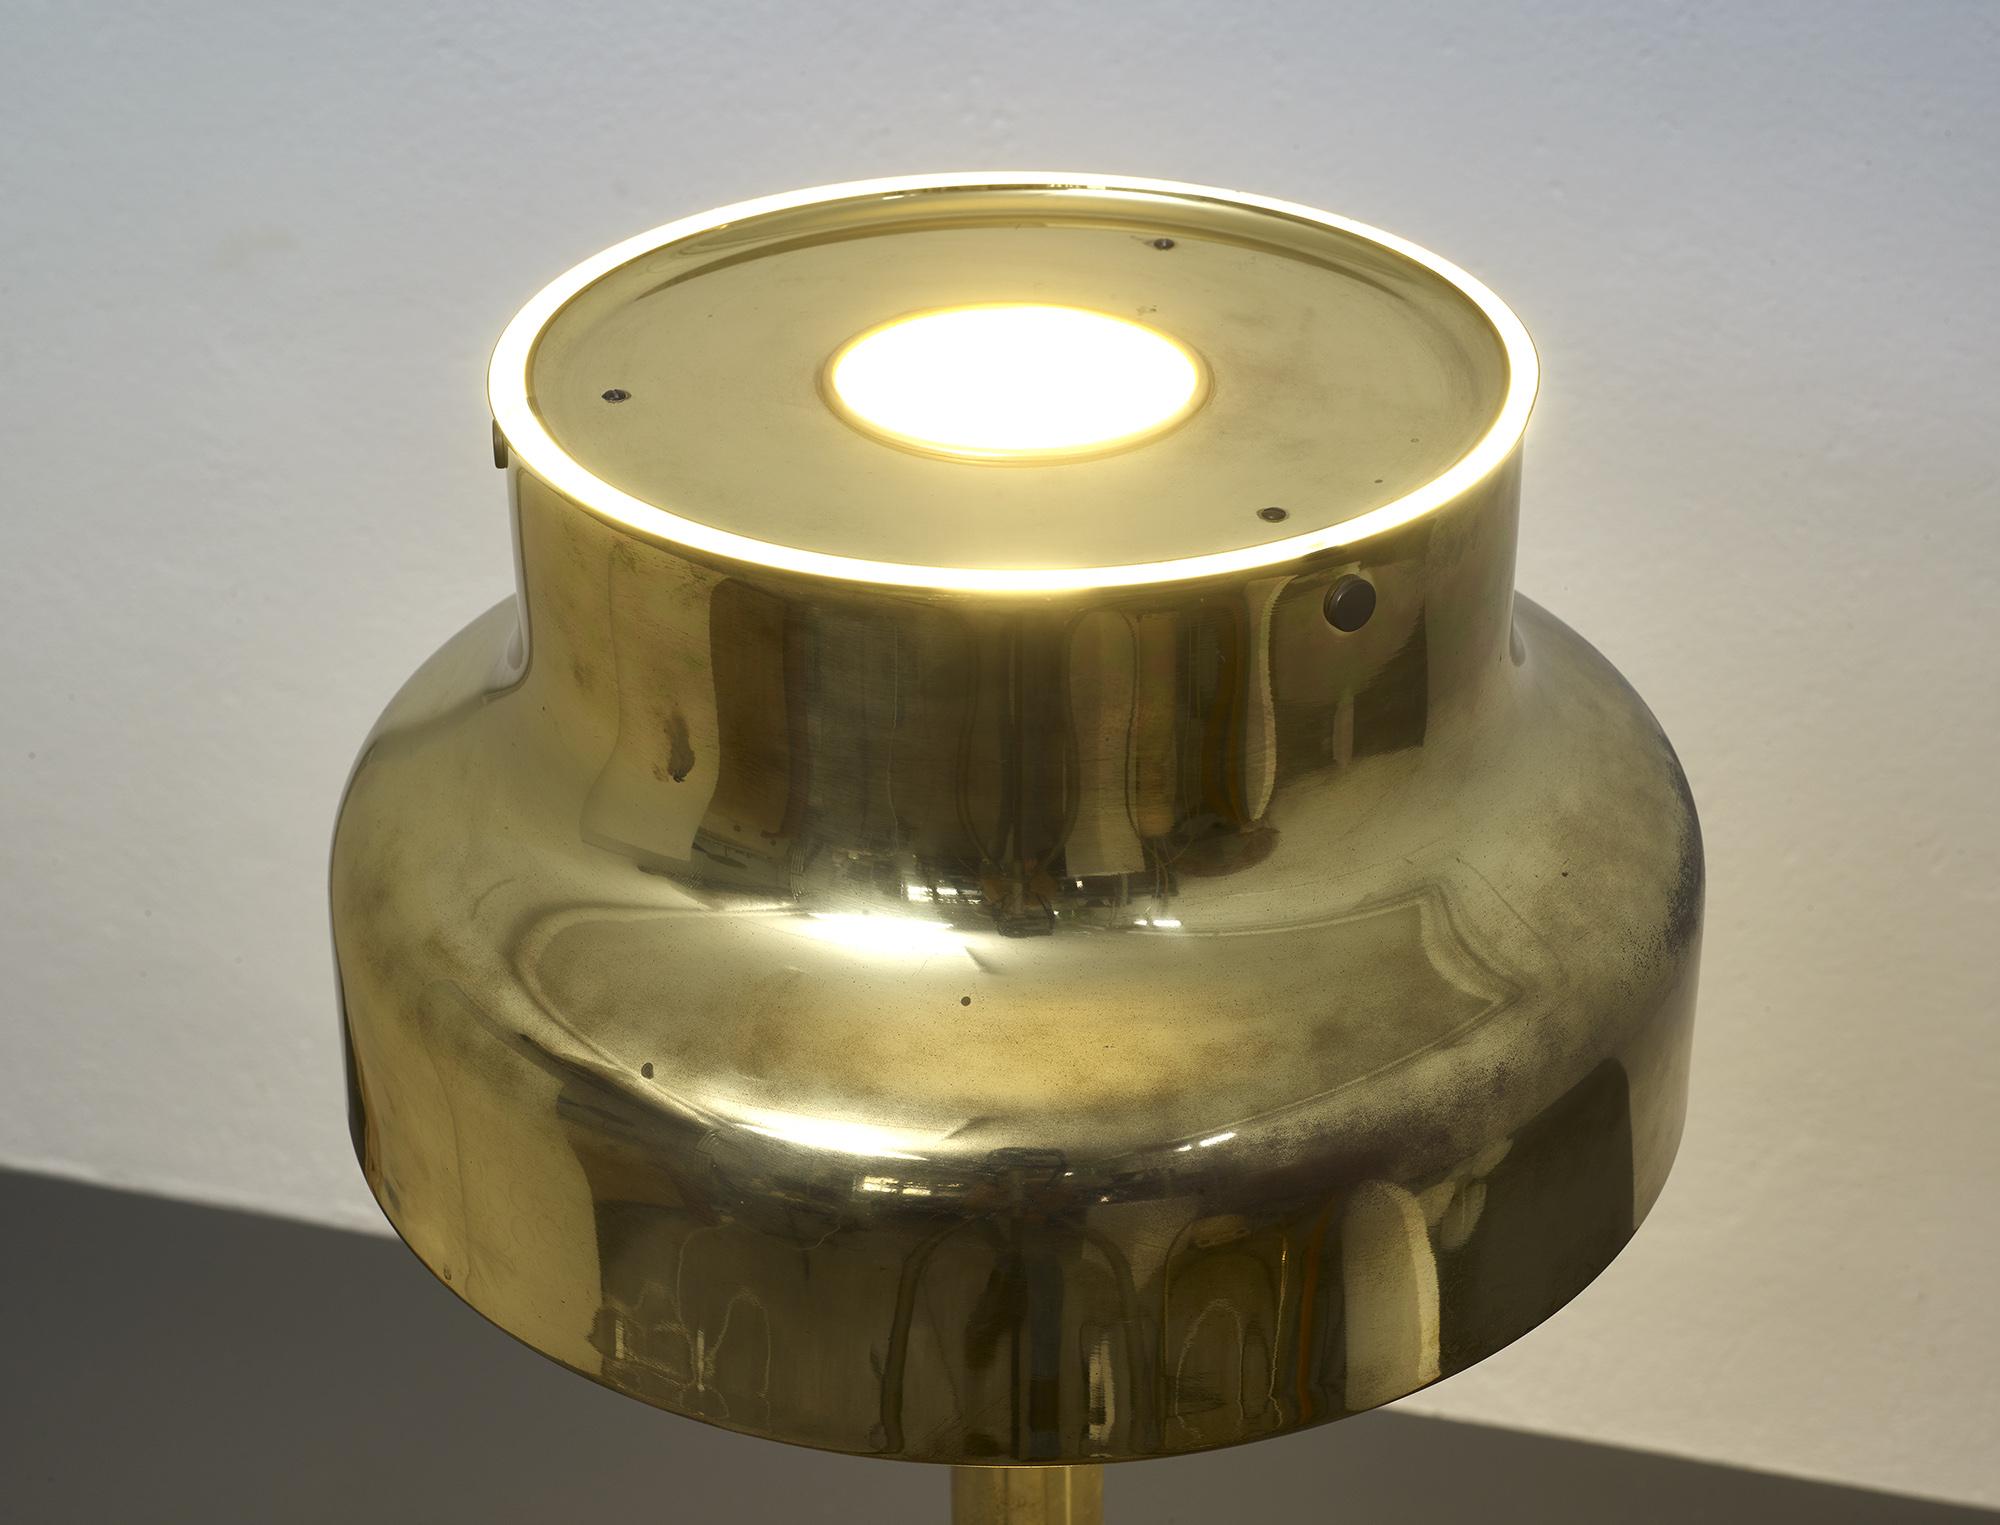 lampe-de-sol-bumling-en-laiton-de-anders-pehrson-1968-image-06